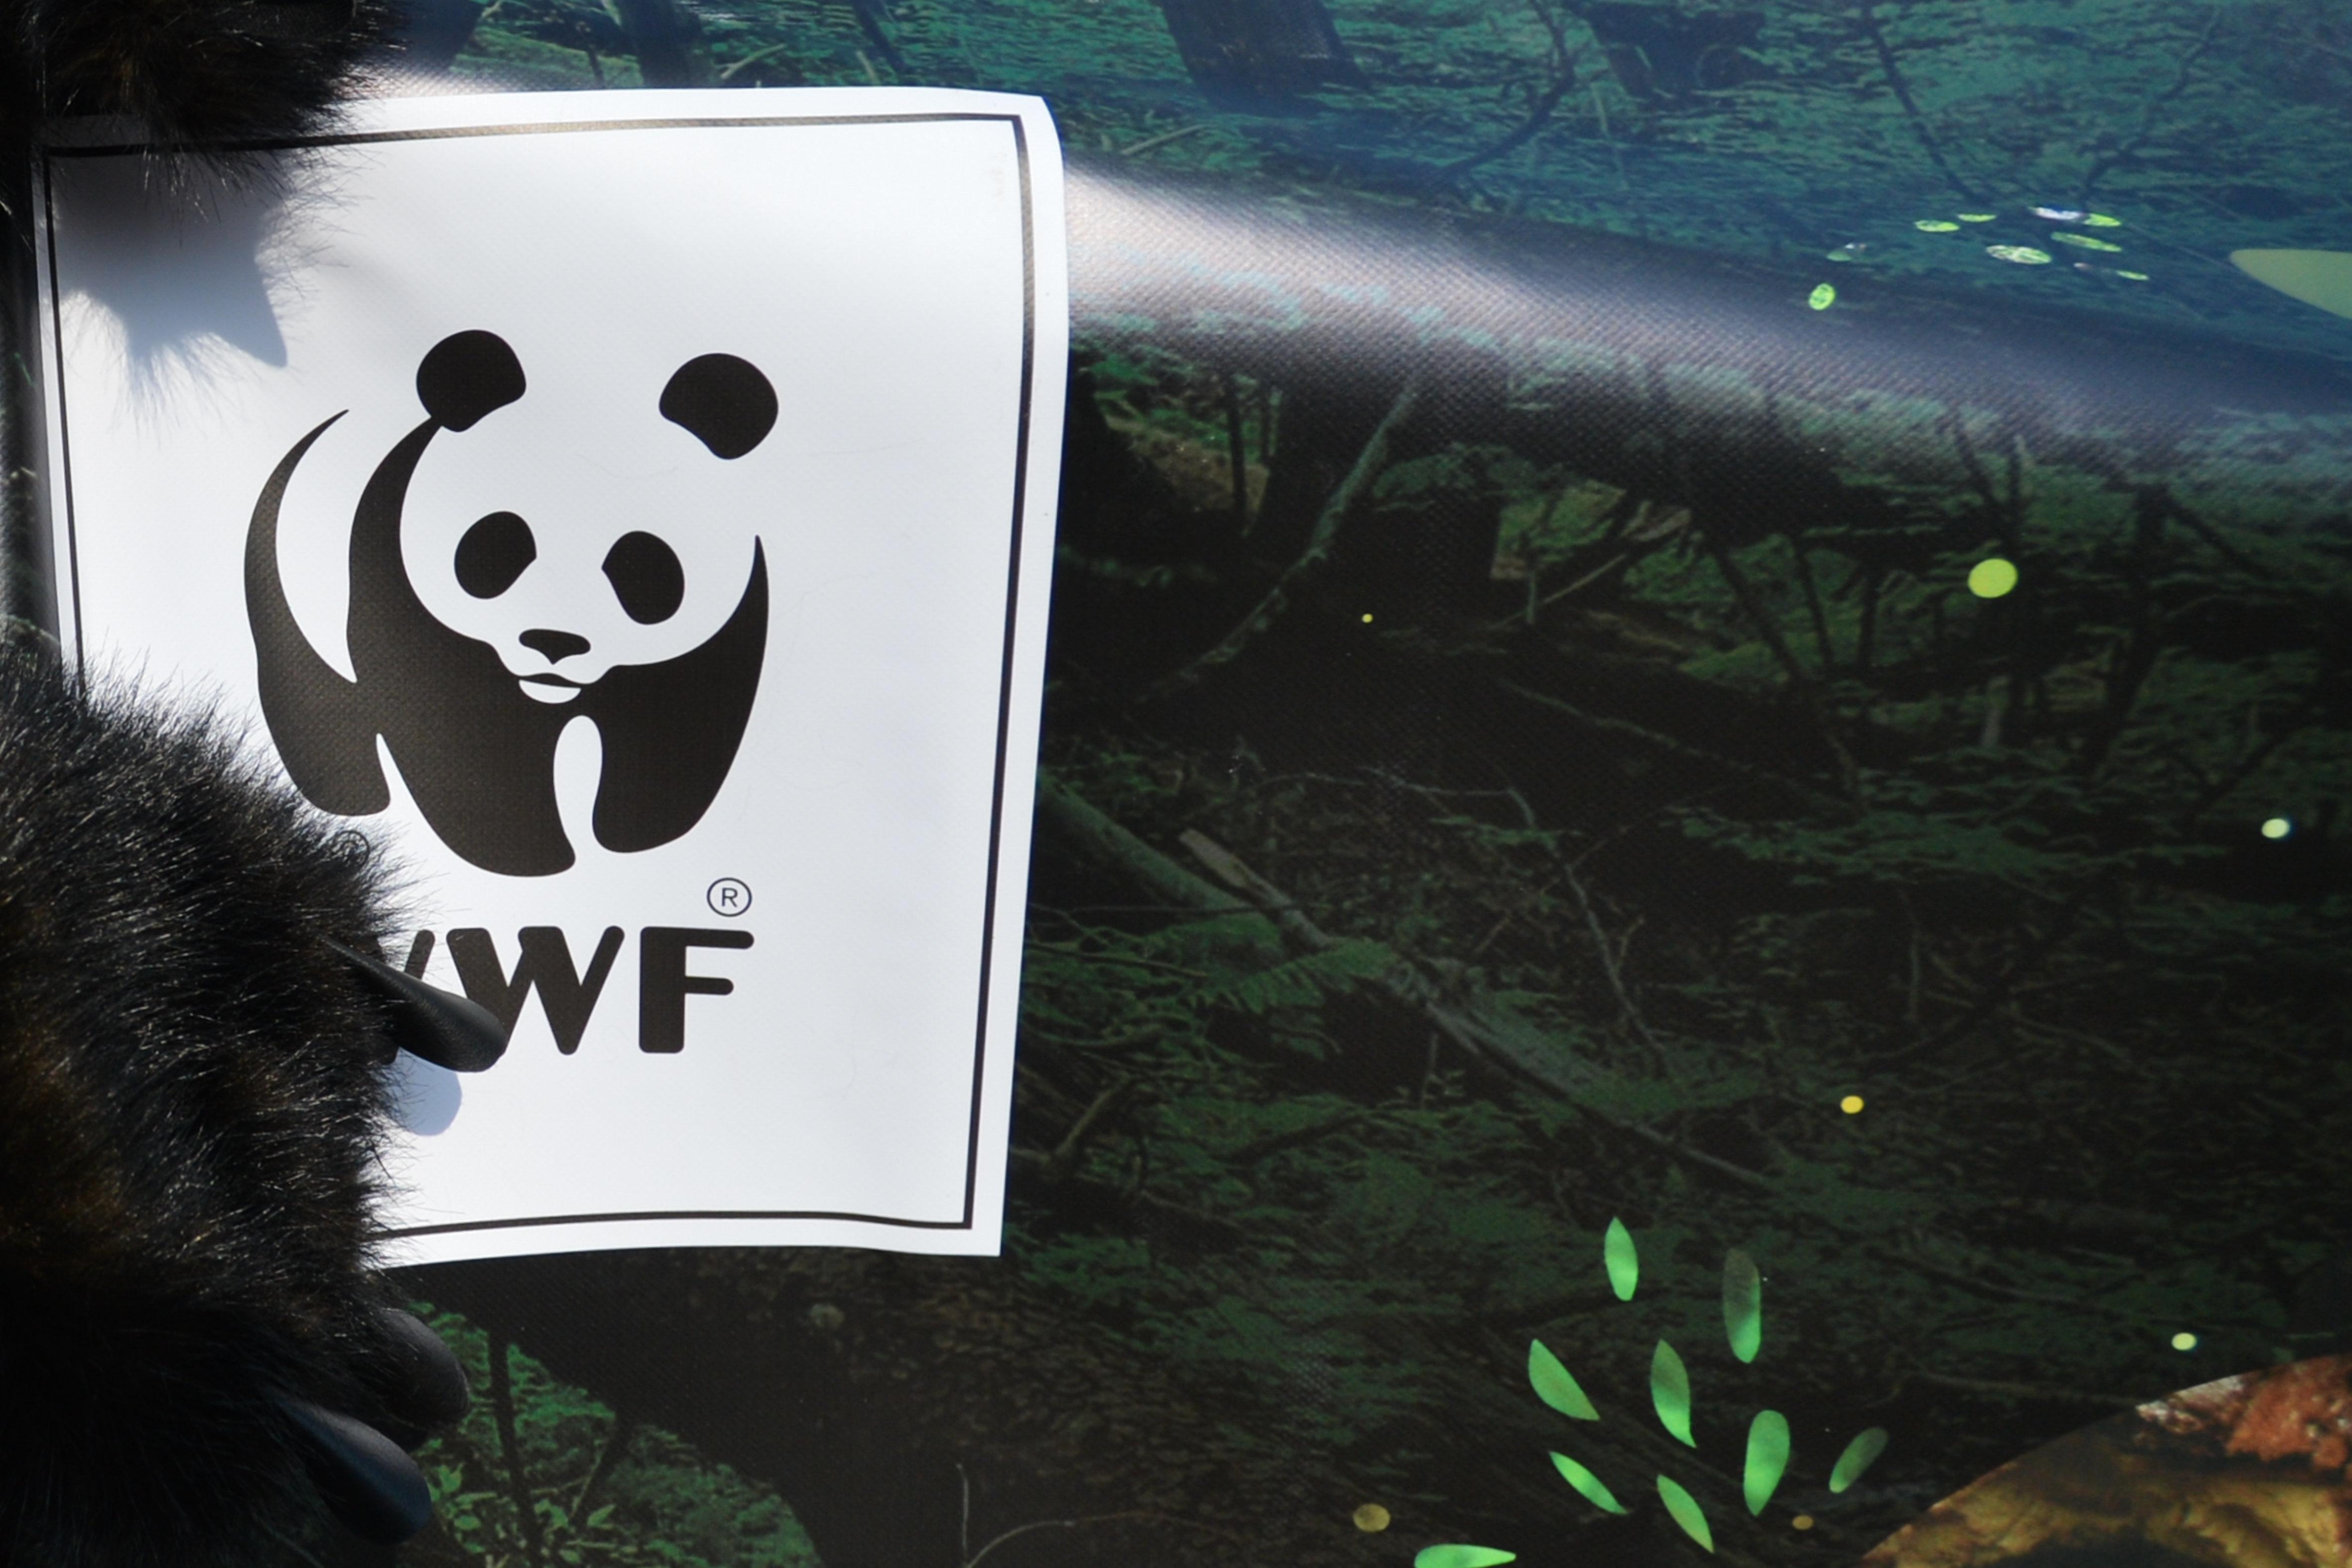 H επιστολή του WWF προς Προωθυπουργό και Ευρ. Επιτροπή για την Εθν. Στρατηγική